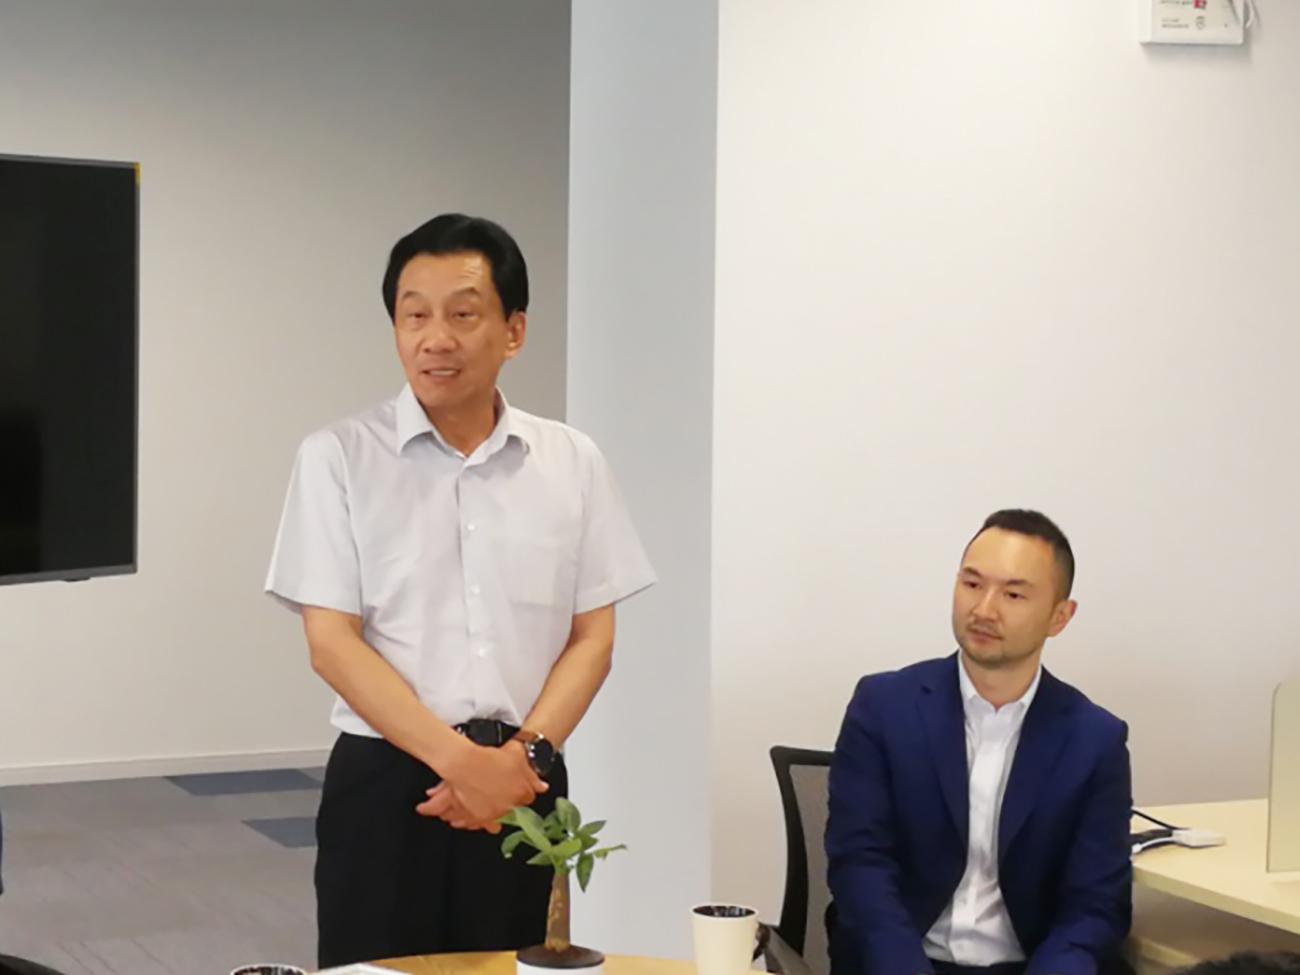 中国电子商会会长王宁对委员会提出了下一步工作任务与要求,并呼吁各单位企业和委员会一起,为打造跨境电商